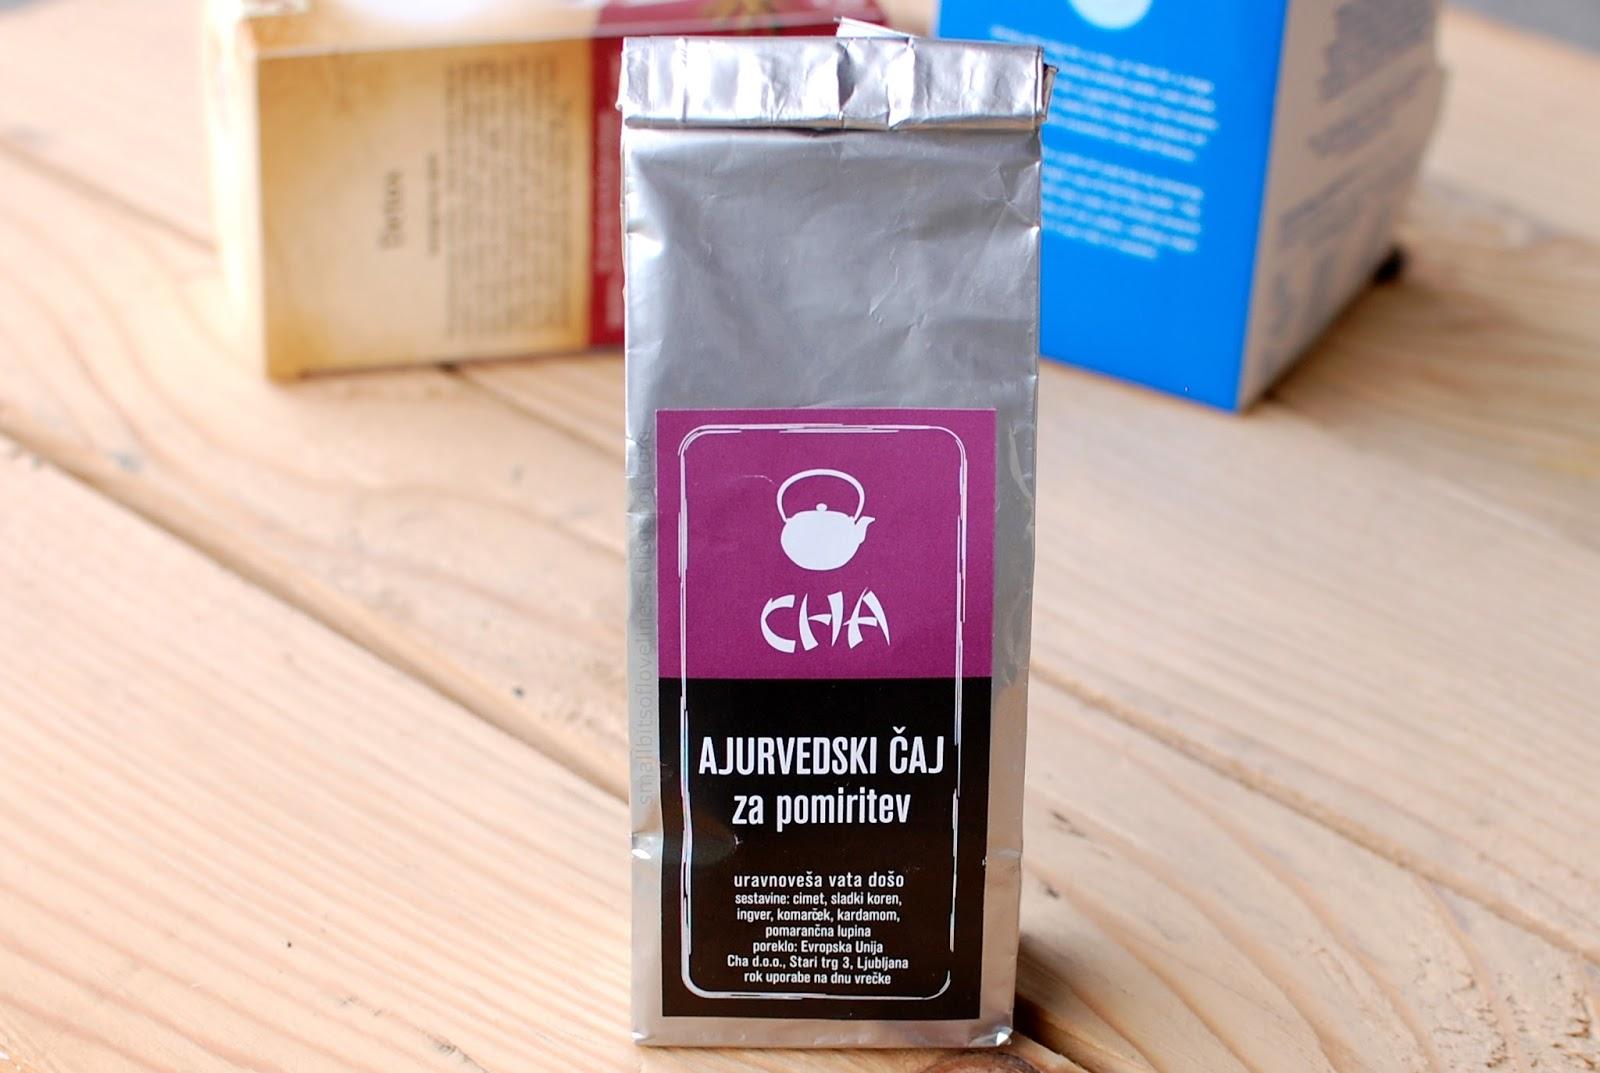 Cha Ajurvedski čaj za pomiritev